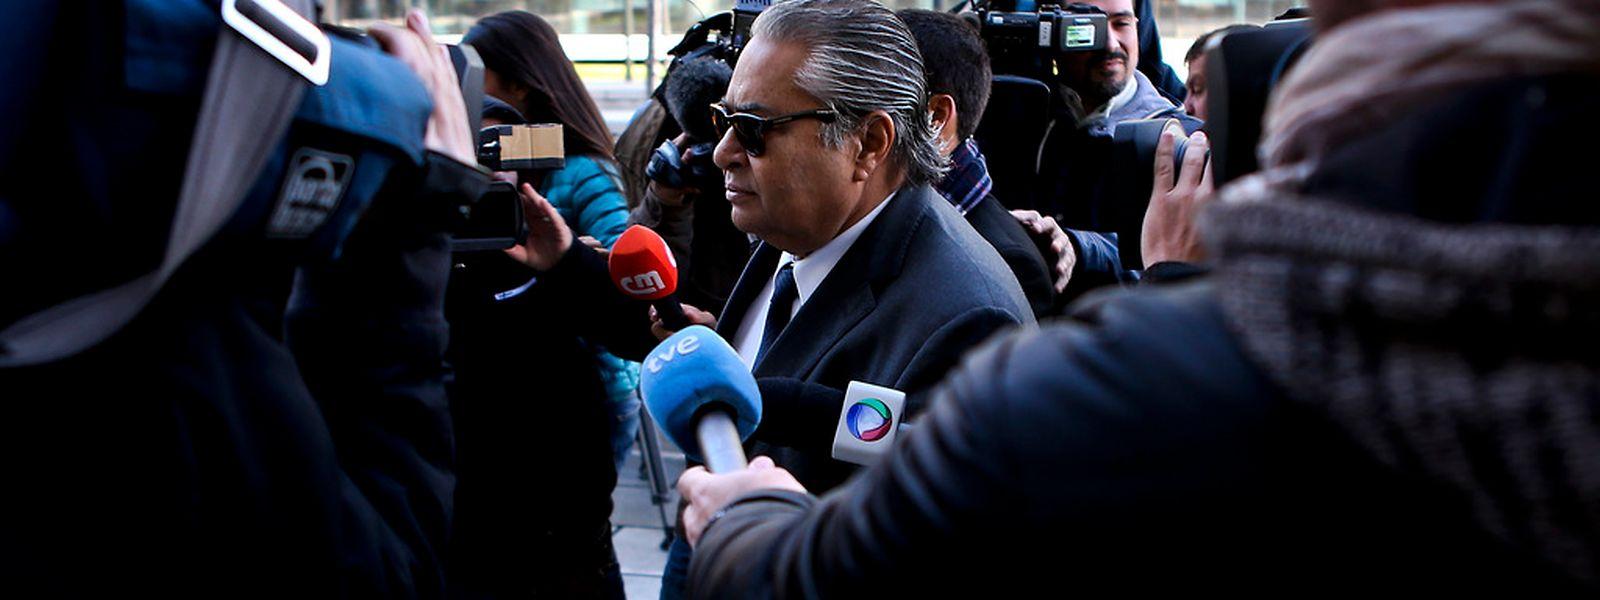 O advogado João Araújo, à chegada ao Tribunal onde tem estado a ser ouvido o ex-primeiro-ministro José Sócrates, no âmbito de um processo de suspeitas de fraude fiscal, branqueamento de capitais e corrupção, no Campus da Justiça, em Lisboa